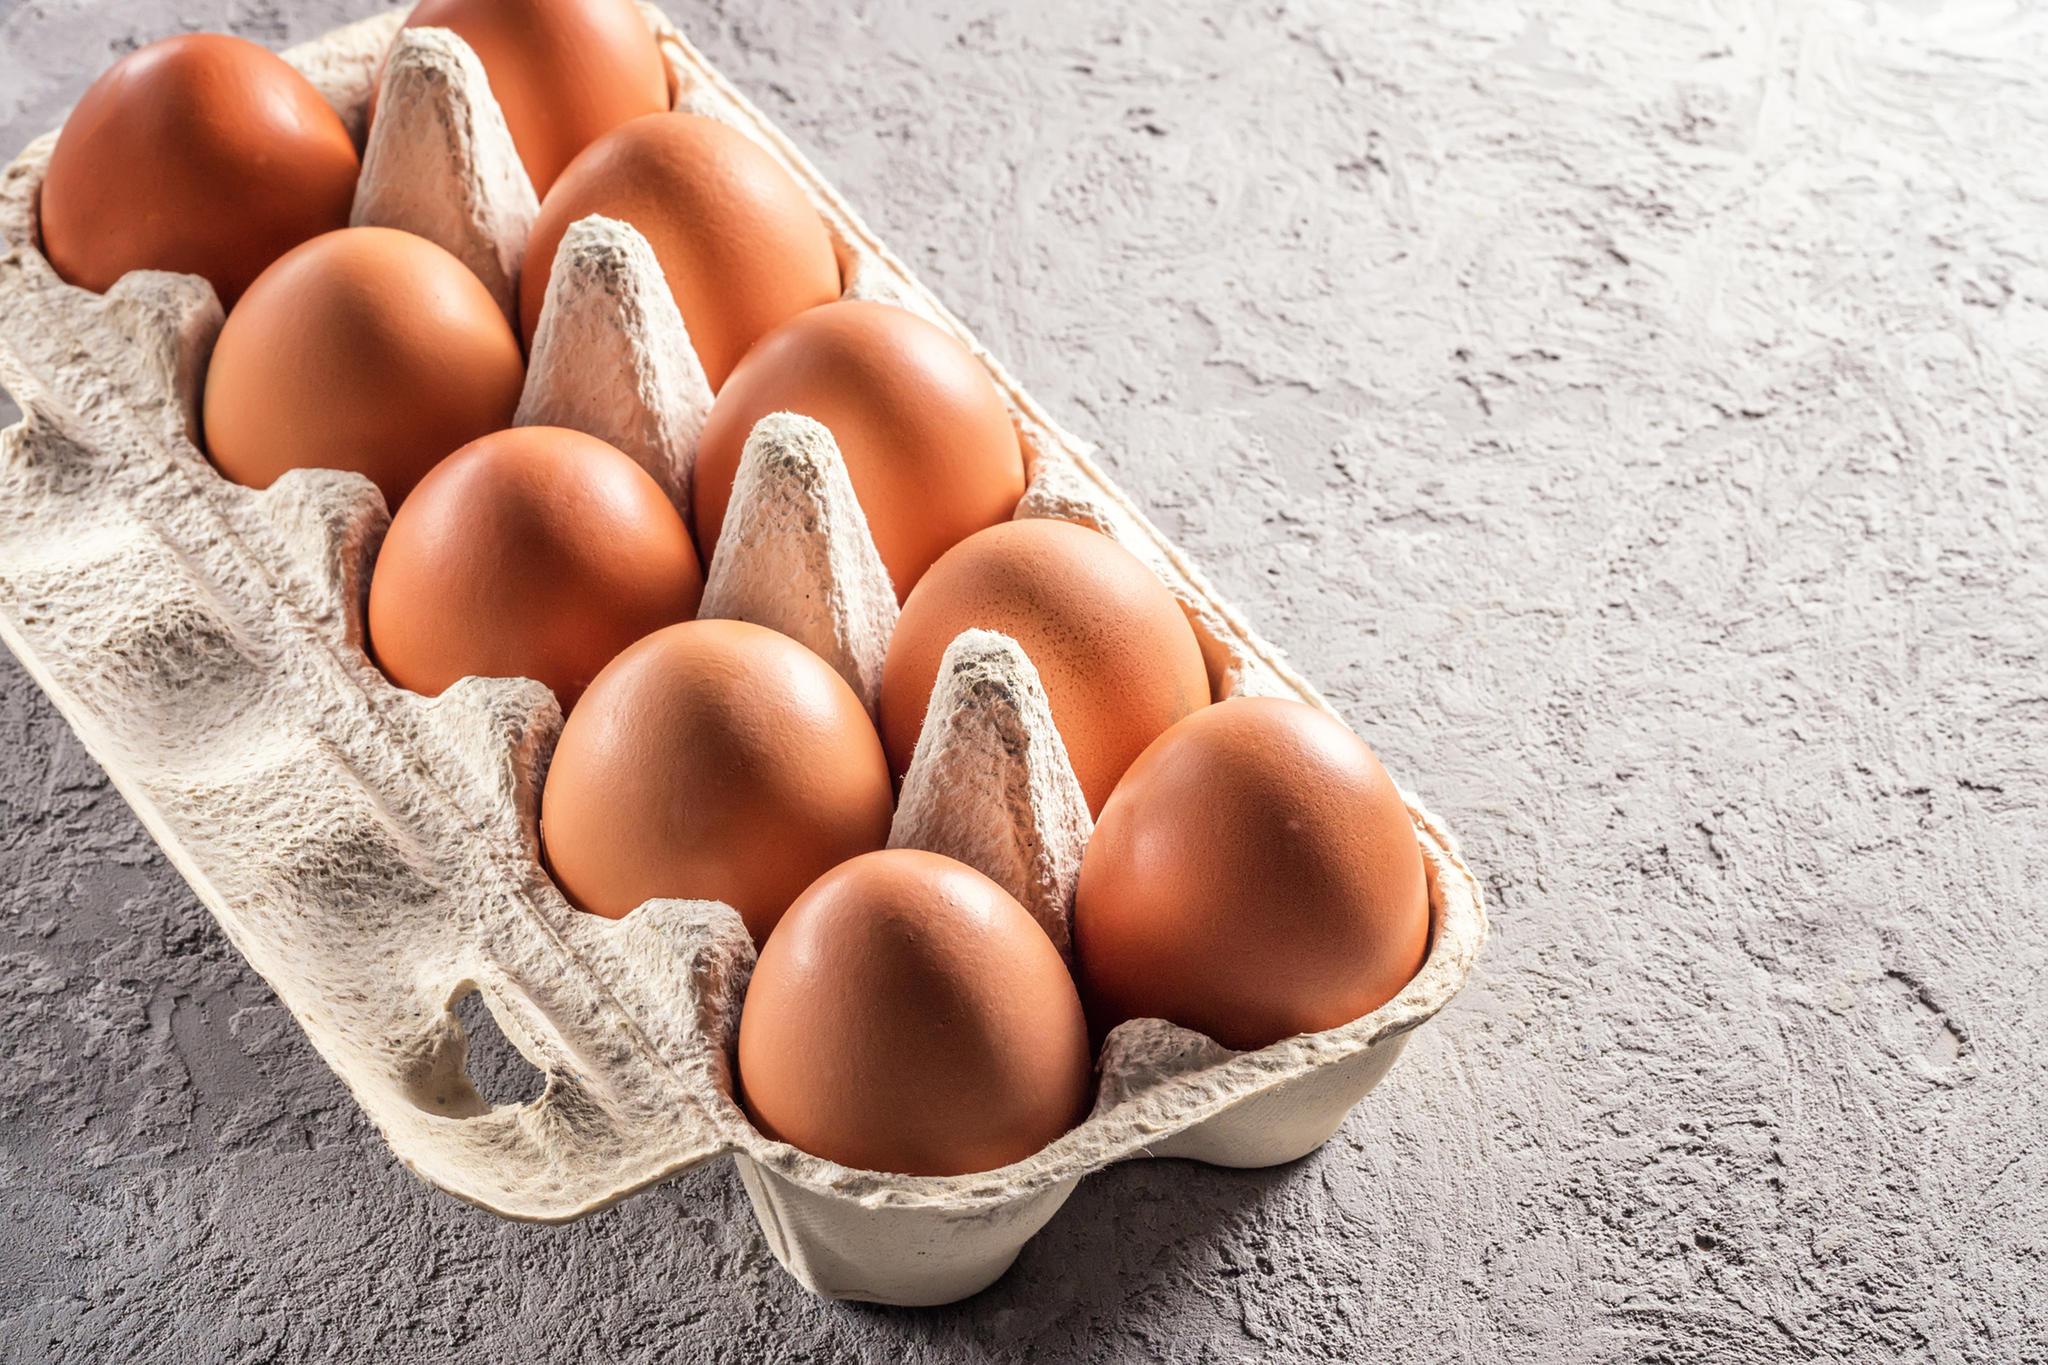 Salmonellen in Bio-Eiern Rückruf bei Lidl, Aldi, Real, Penny, Kaufland